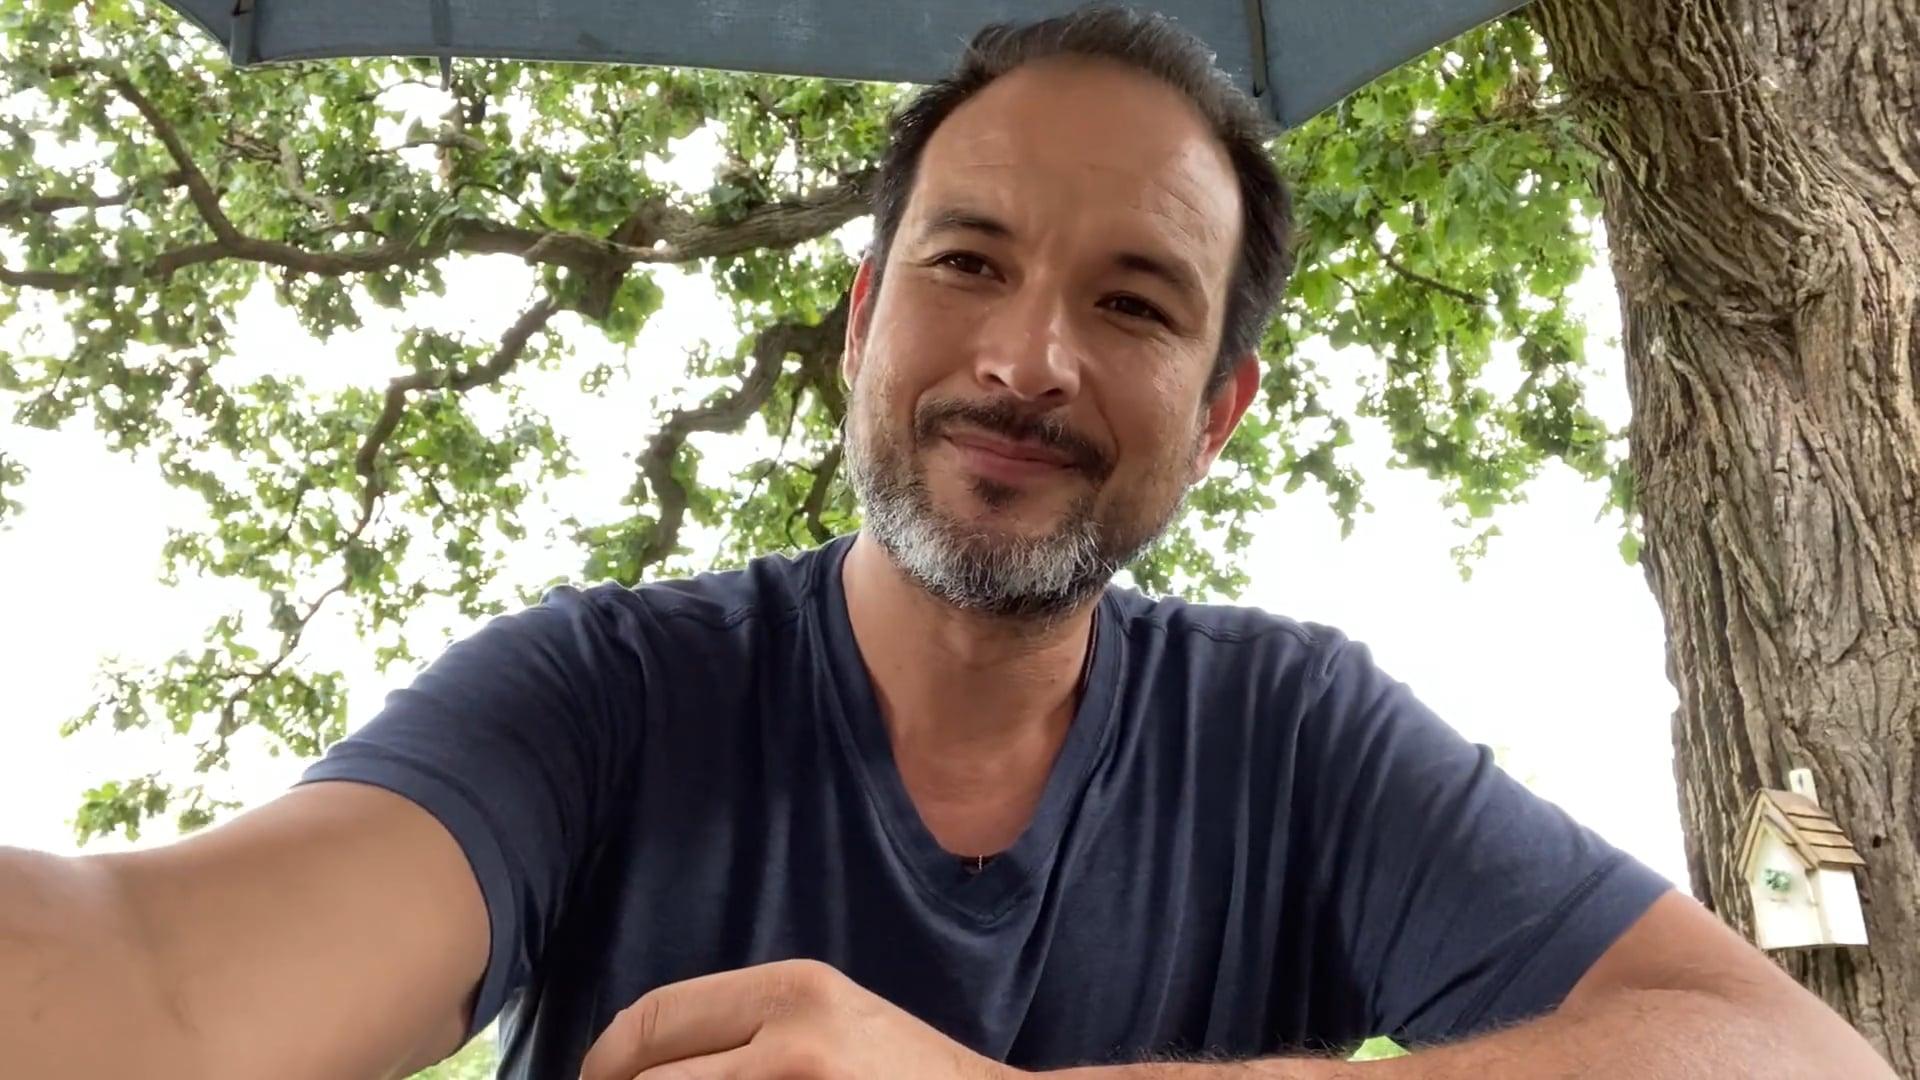 Aaron Mastny xWhy Testimonial